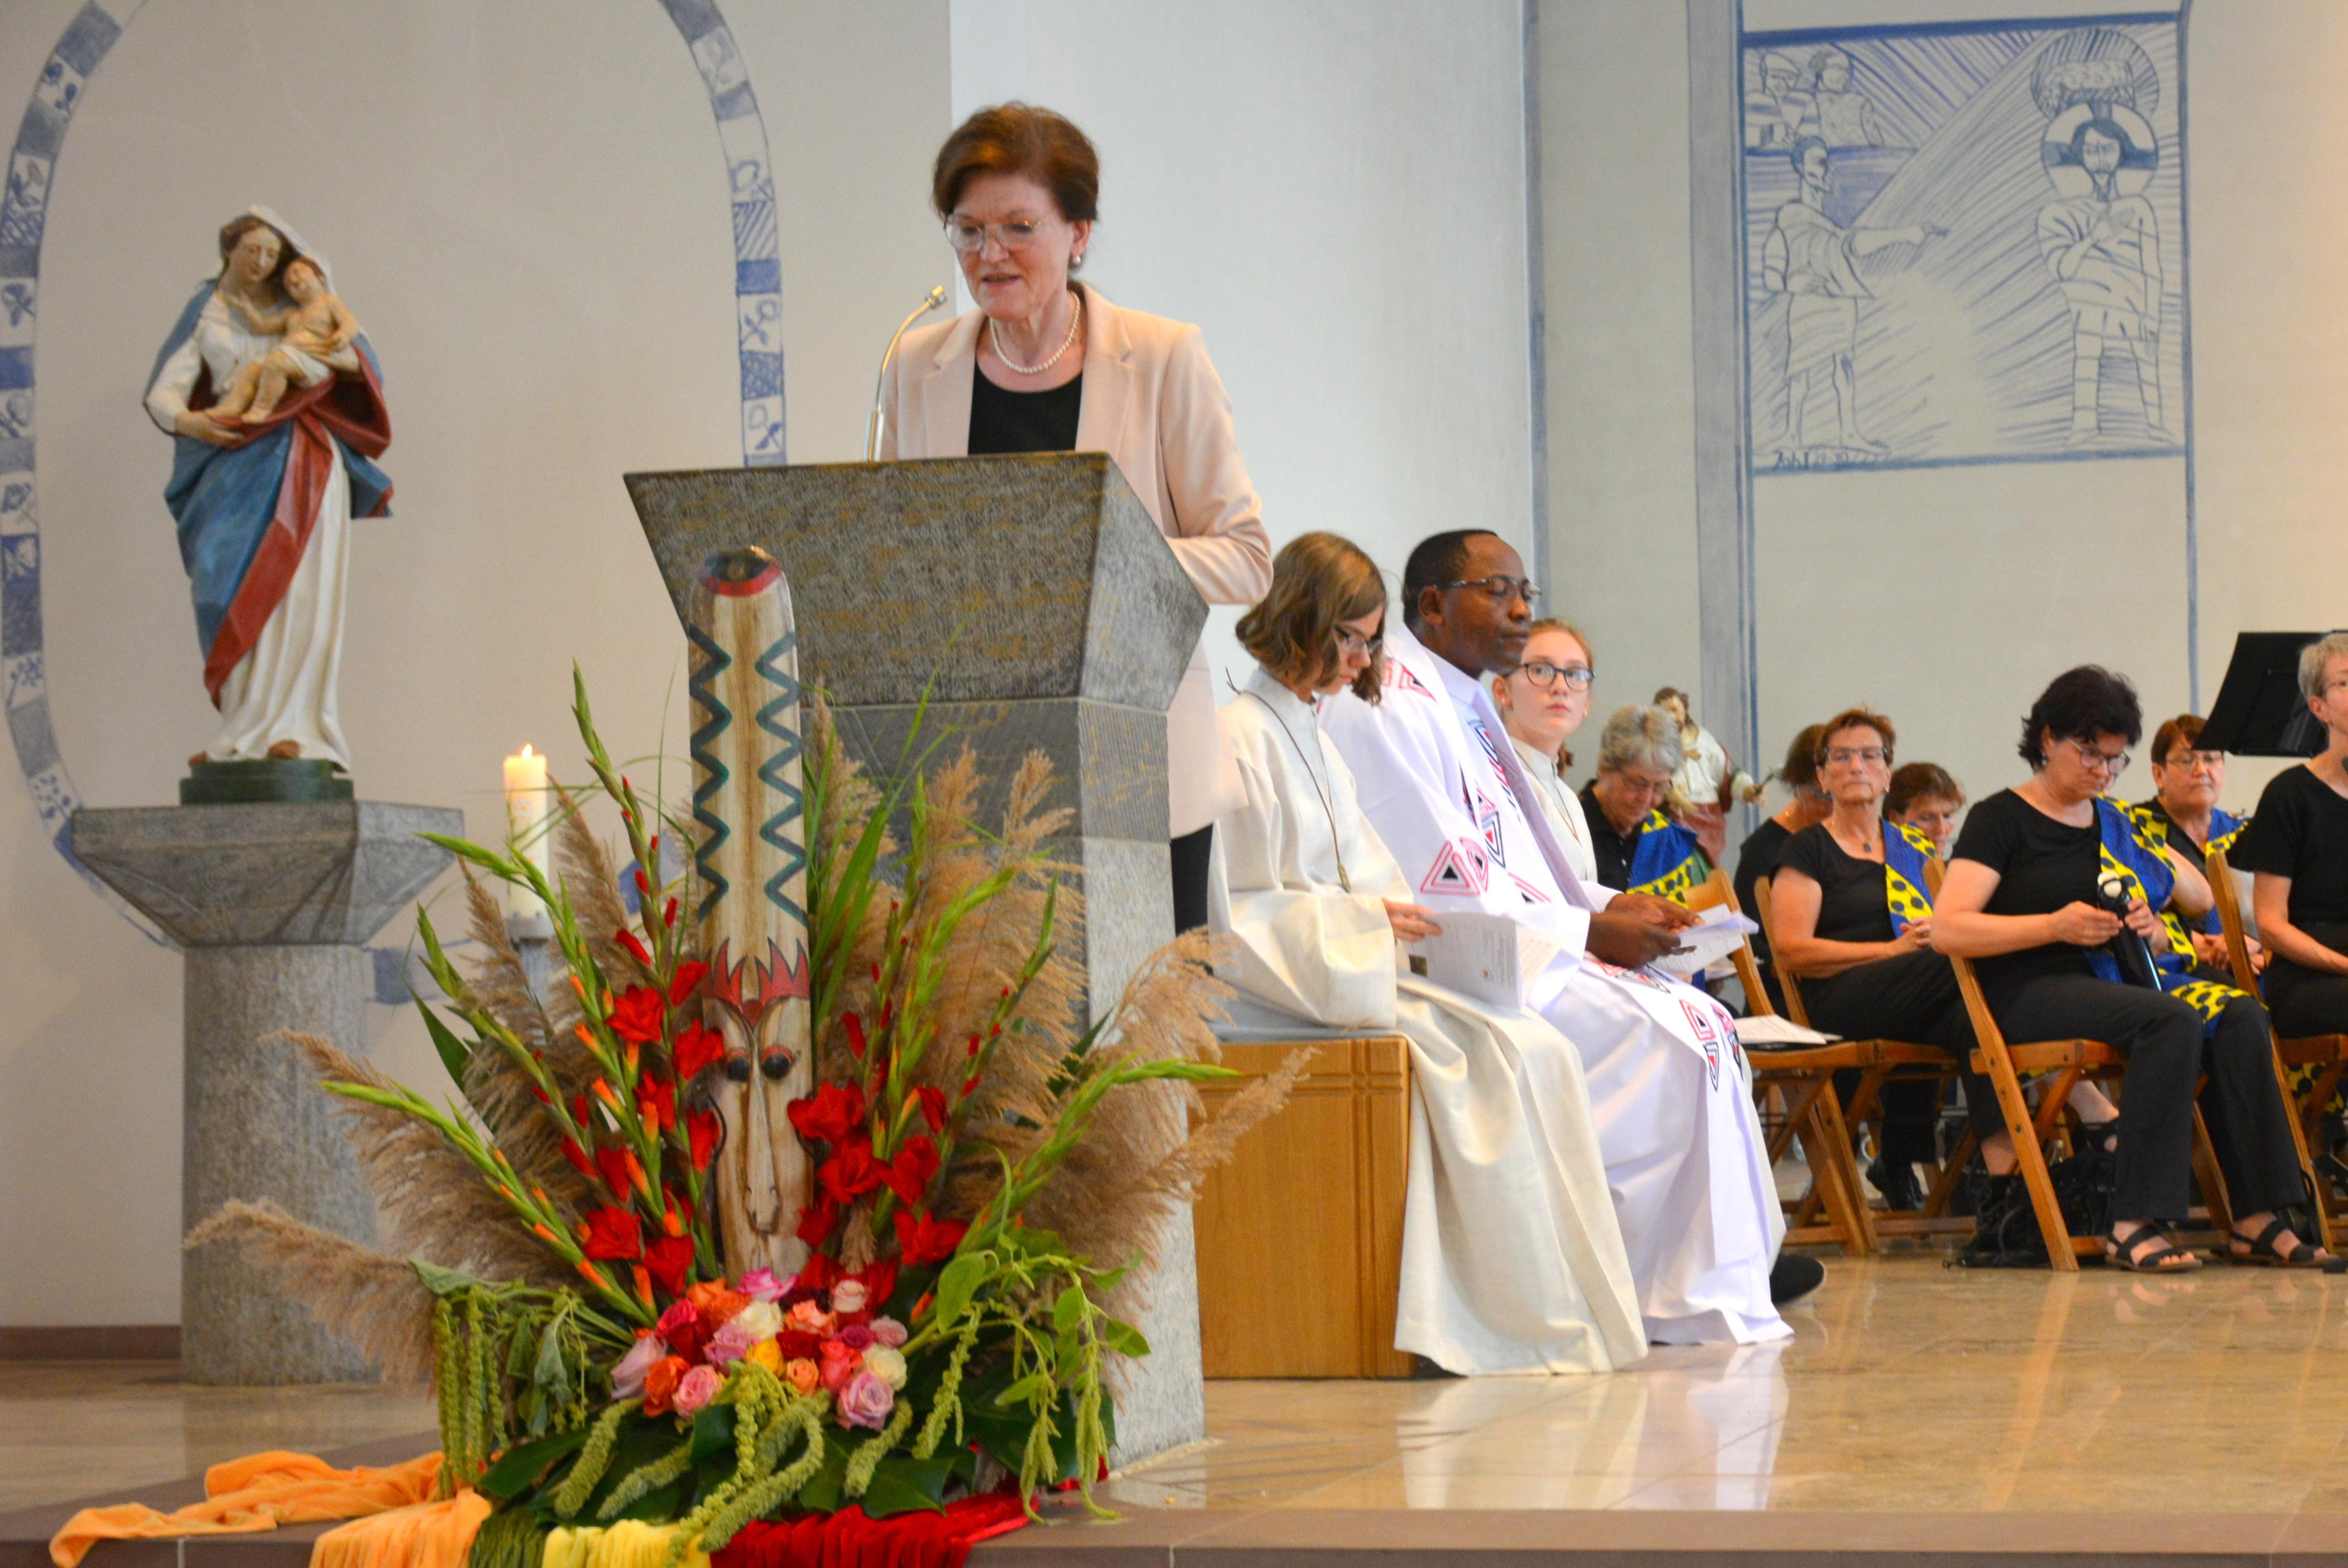 Afrikanische Messe Au am Rhein 2019-07-20 051